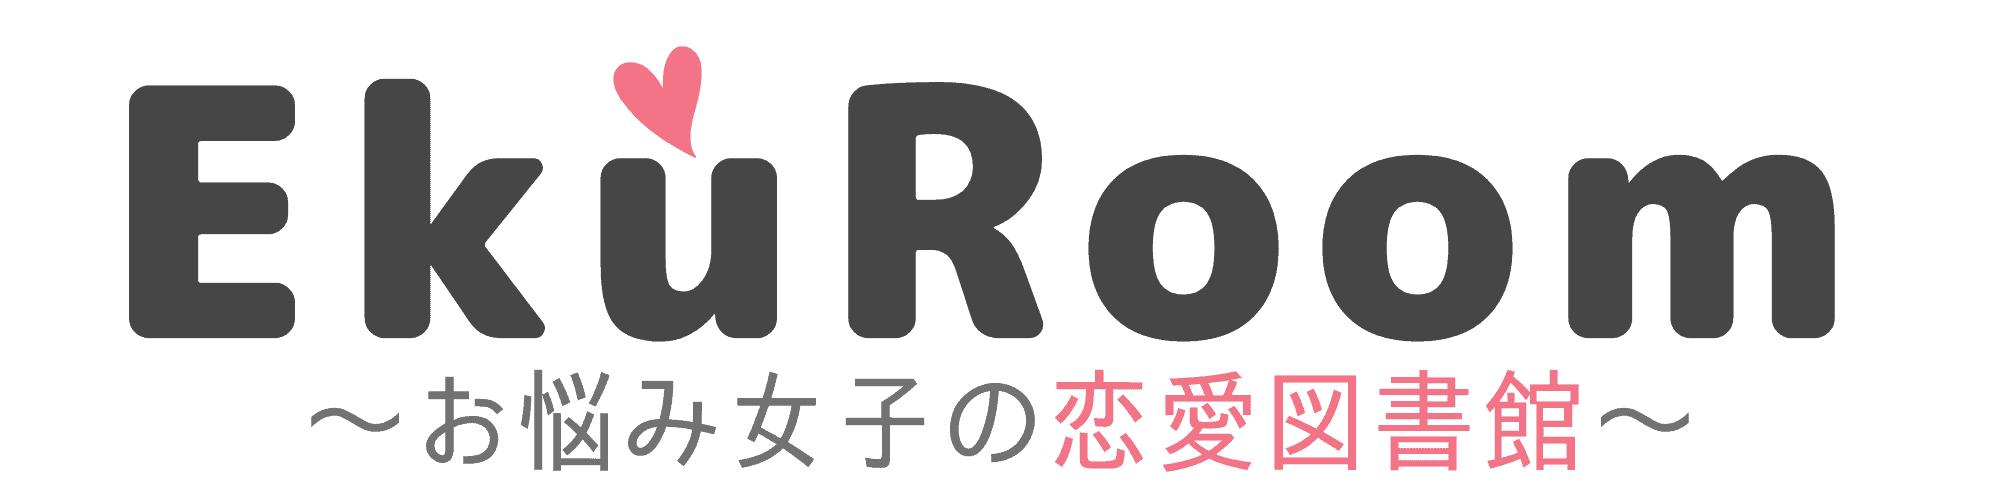 EKUROOM(えくるーむ)